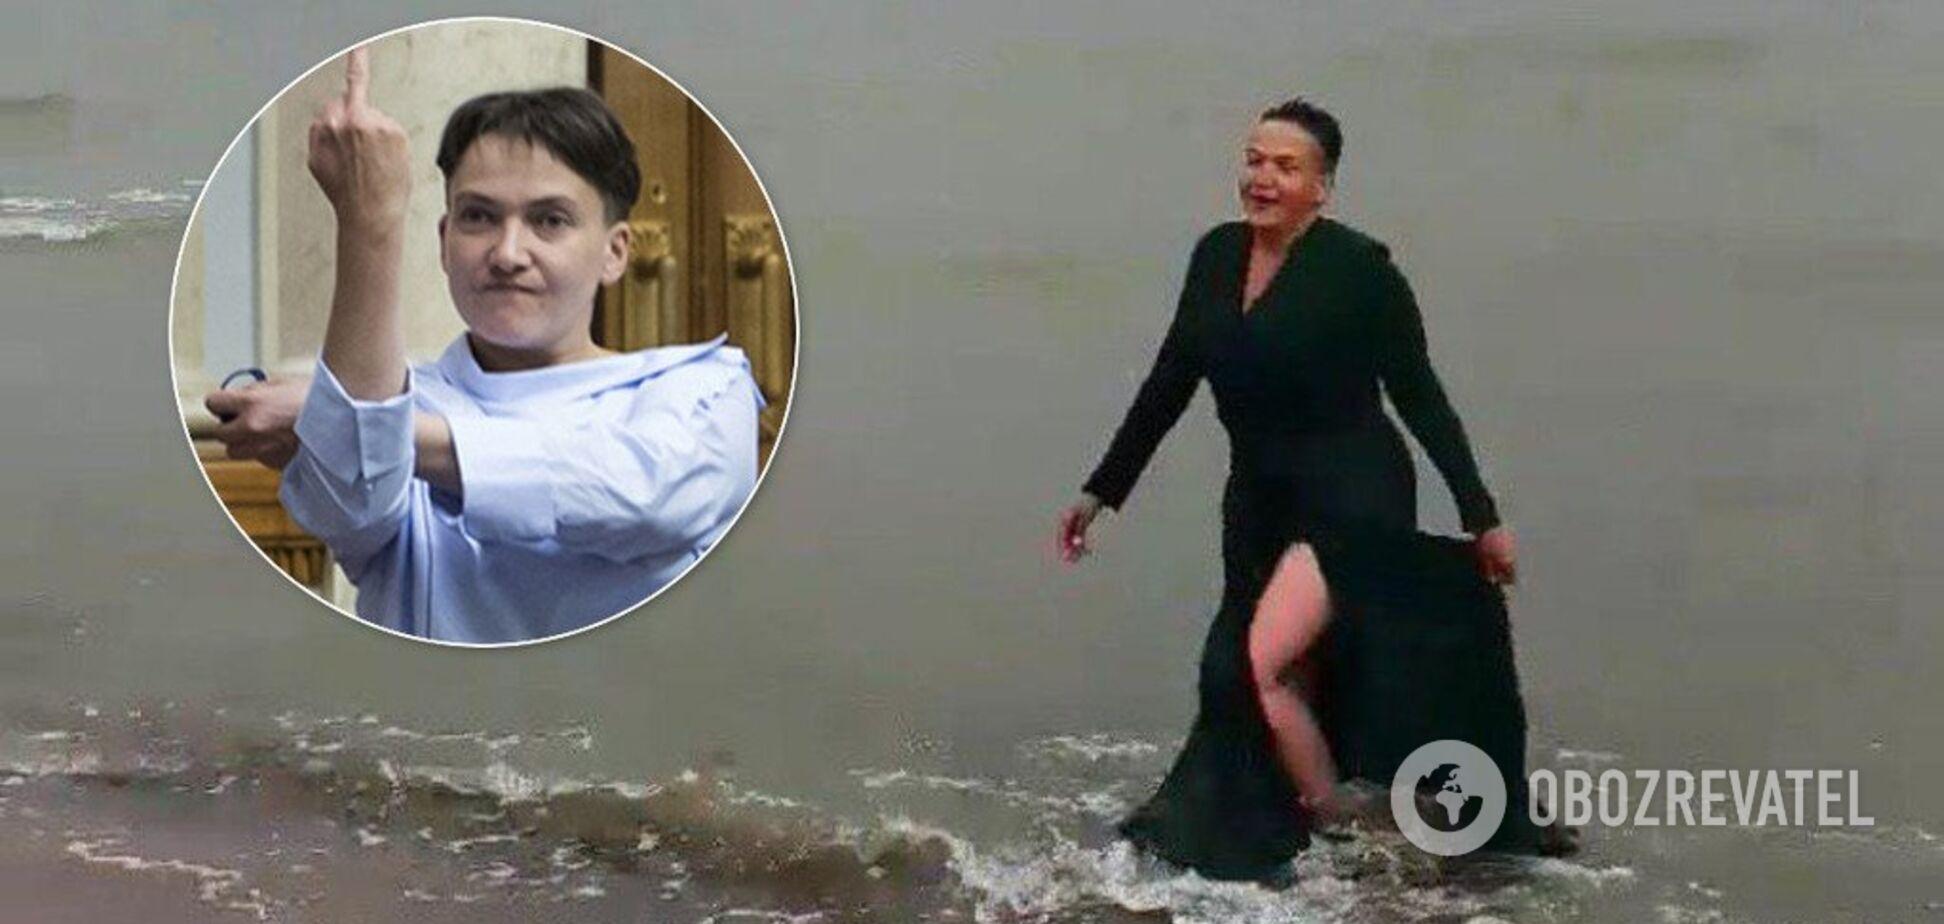 'Надя, это вы? Не верю!' Савченко устроила необычную фотосессию на море